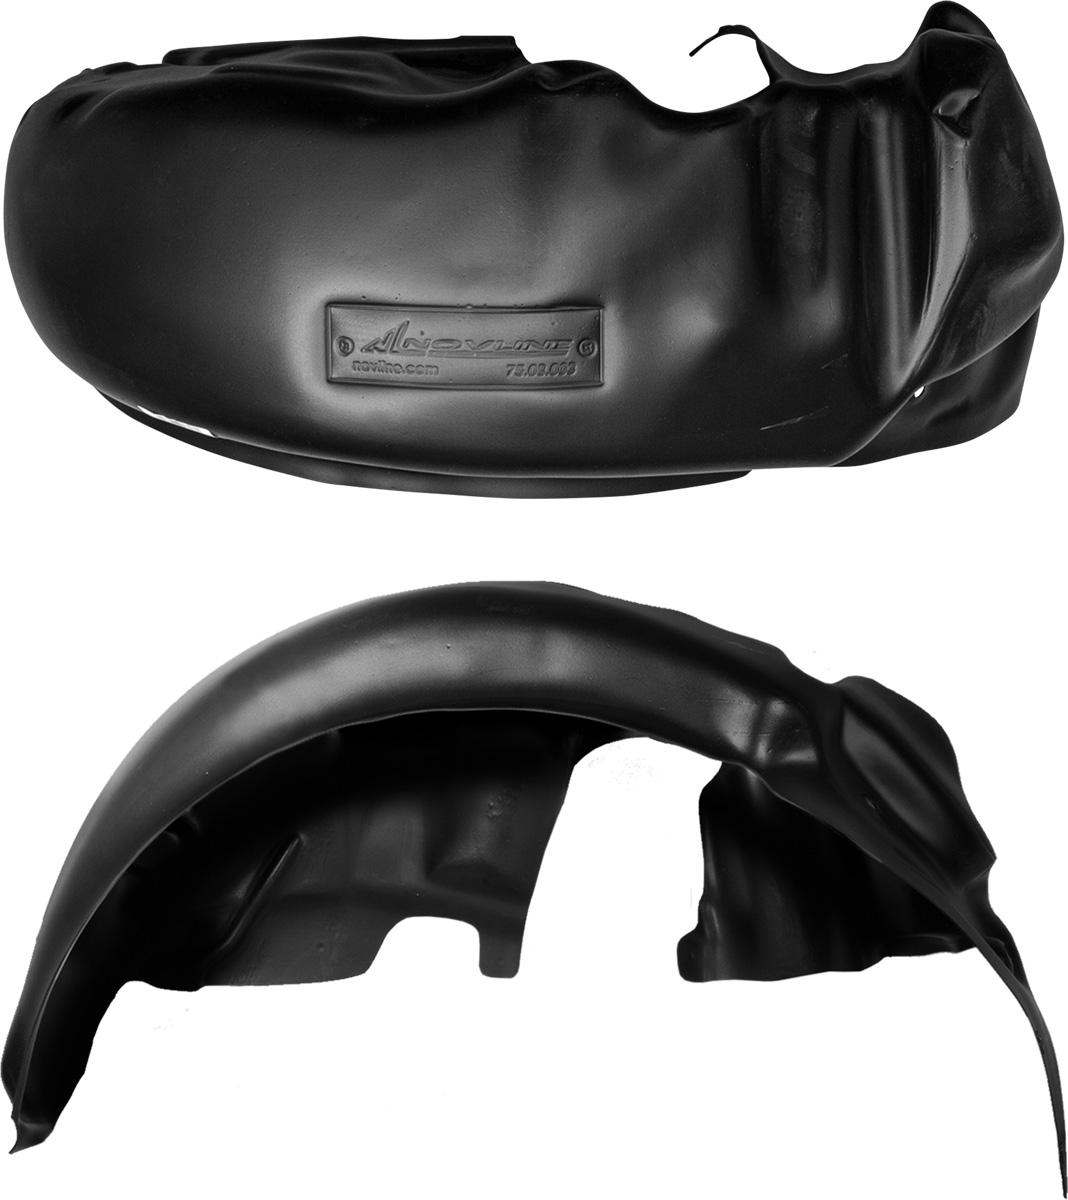 Подкрылок Novline-Autofamily, для Mitsubishi Outlander, 2012->, задний правыйNLL.35.26.004Колесные ниши - одни из самых уязвимых зон днища вашего автомобиля. Они постоянно подвергаются воздействию со стороны дороги. Лучшая, почти абсолютная защита для них - специально отформованные пластиковые кожухи, которые называются подкрылками. Производятся они как для отечественных моделей автомобилей, так и для иномарок. Подкрылки Novline-Autofamily выполнены из высококачественного, экологически чистого пластика. Обеспечивают надежную защиту кузова автомобиля от пескоструйного эффекта и негативного влияния, агрессивных антигололедных реагентов. Пластик обладает более низкой теплопроводностью, чем металл, поэтому в зимний период эксплуатации использование пластиковых подкрылков позволяет лучше защитить колесные ниши от налипания снега и образования наледи. Оригинальность конструкции подчеркивает элегантность автомобиля, бережно защищает нанесенное на днище кузова антикоррозийное покрытие и позволяет осуществить крепление подкрылков внутри колесной арки практически без...